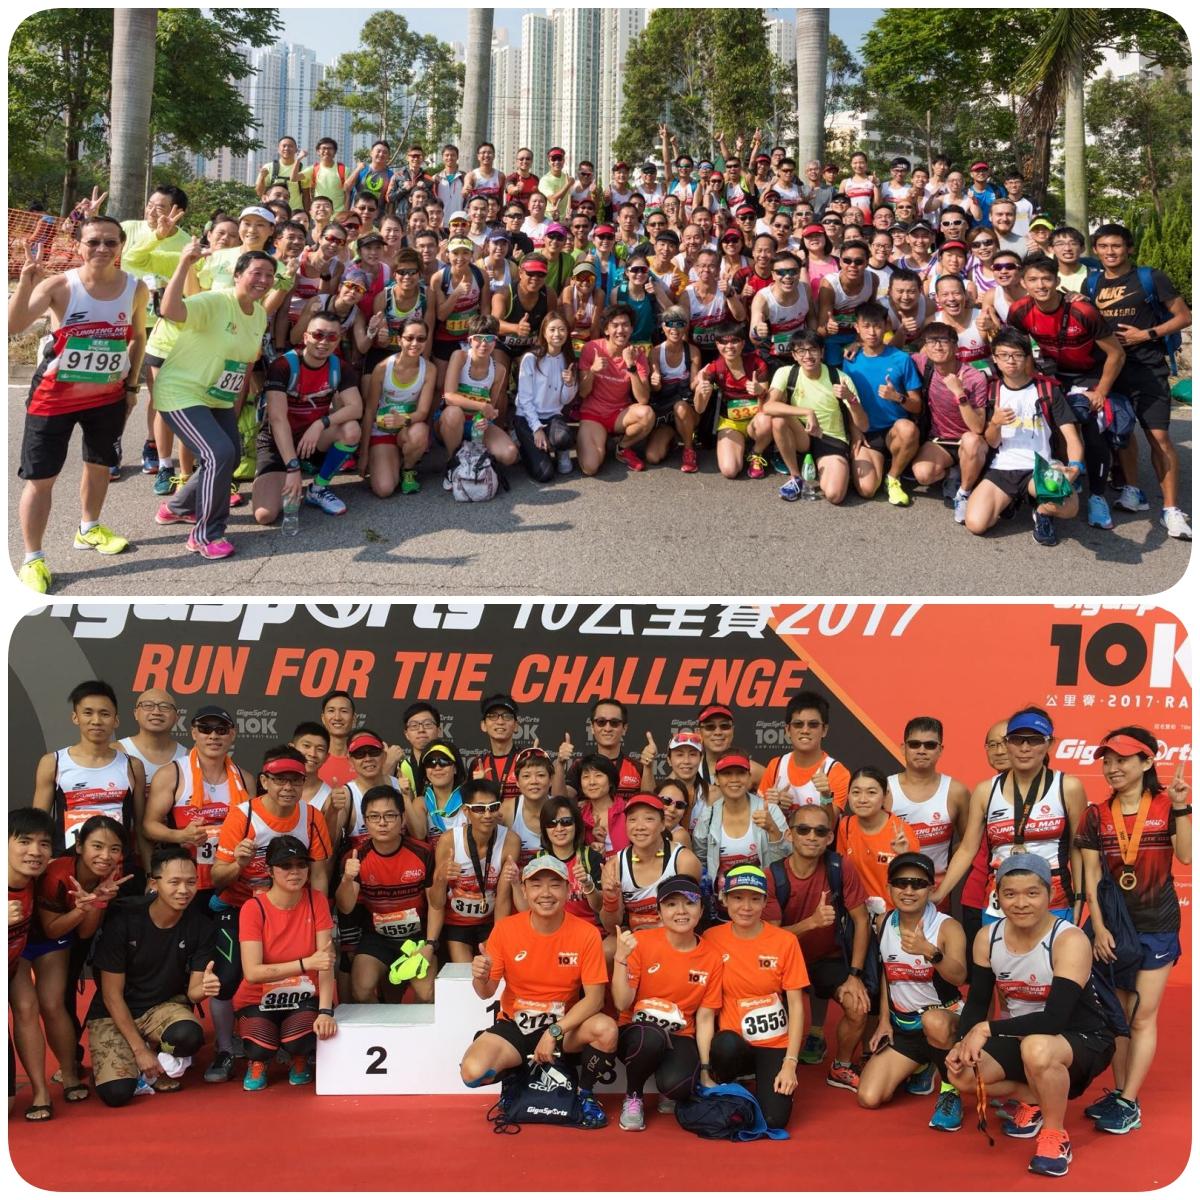 運動家香港10公里挑戰賽及Gigasports 10公里賽2017 - 兩項比賽本會一共有超過150人參賽,是本年度最多同學比賽的一日,意味賽季高峰期正式開始,未來數月將有更多同學在不同距離,不同賽場上為目標打拼,為自己打拼。